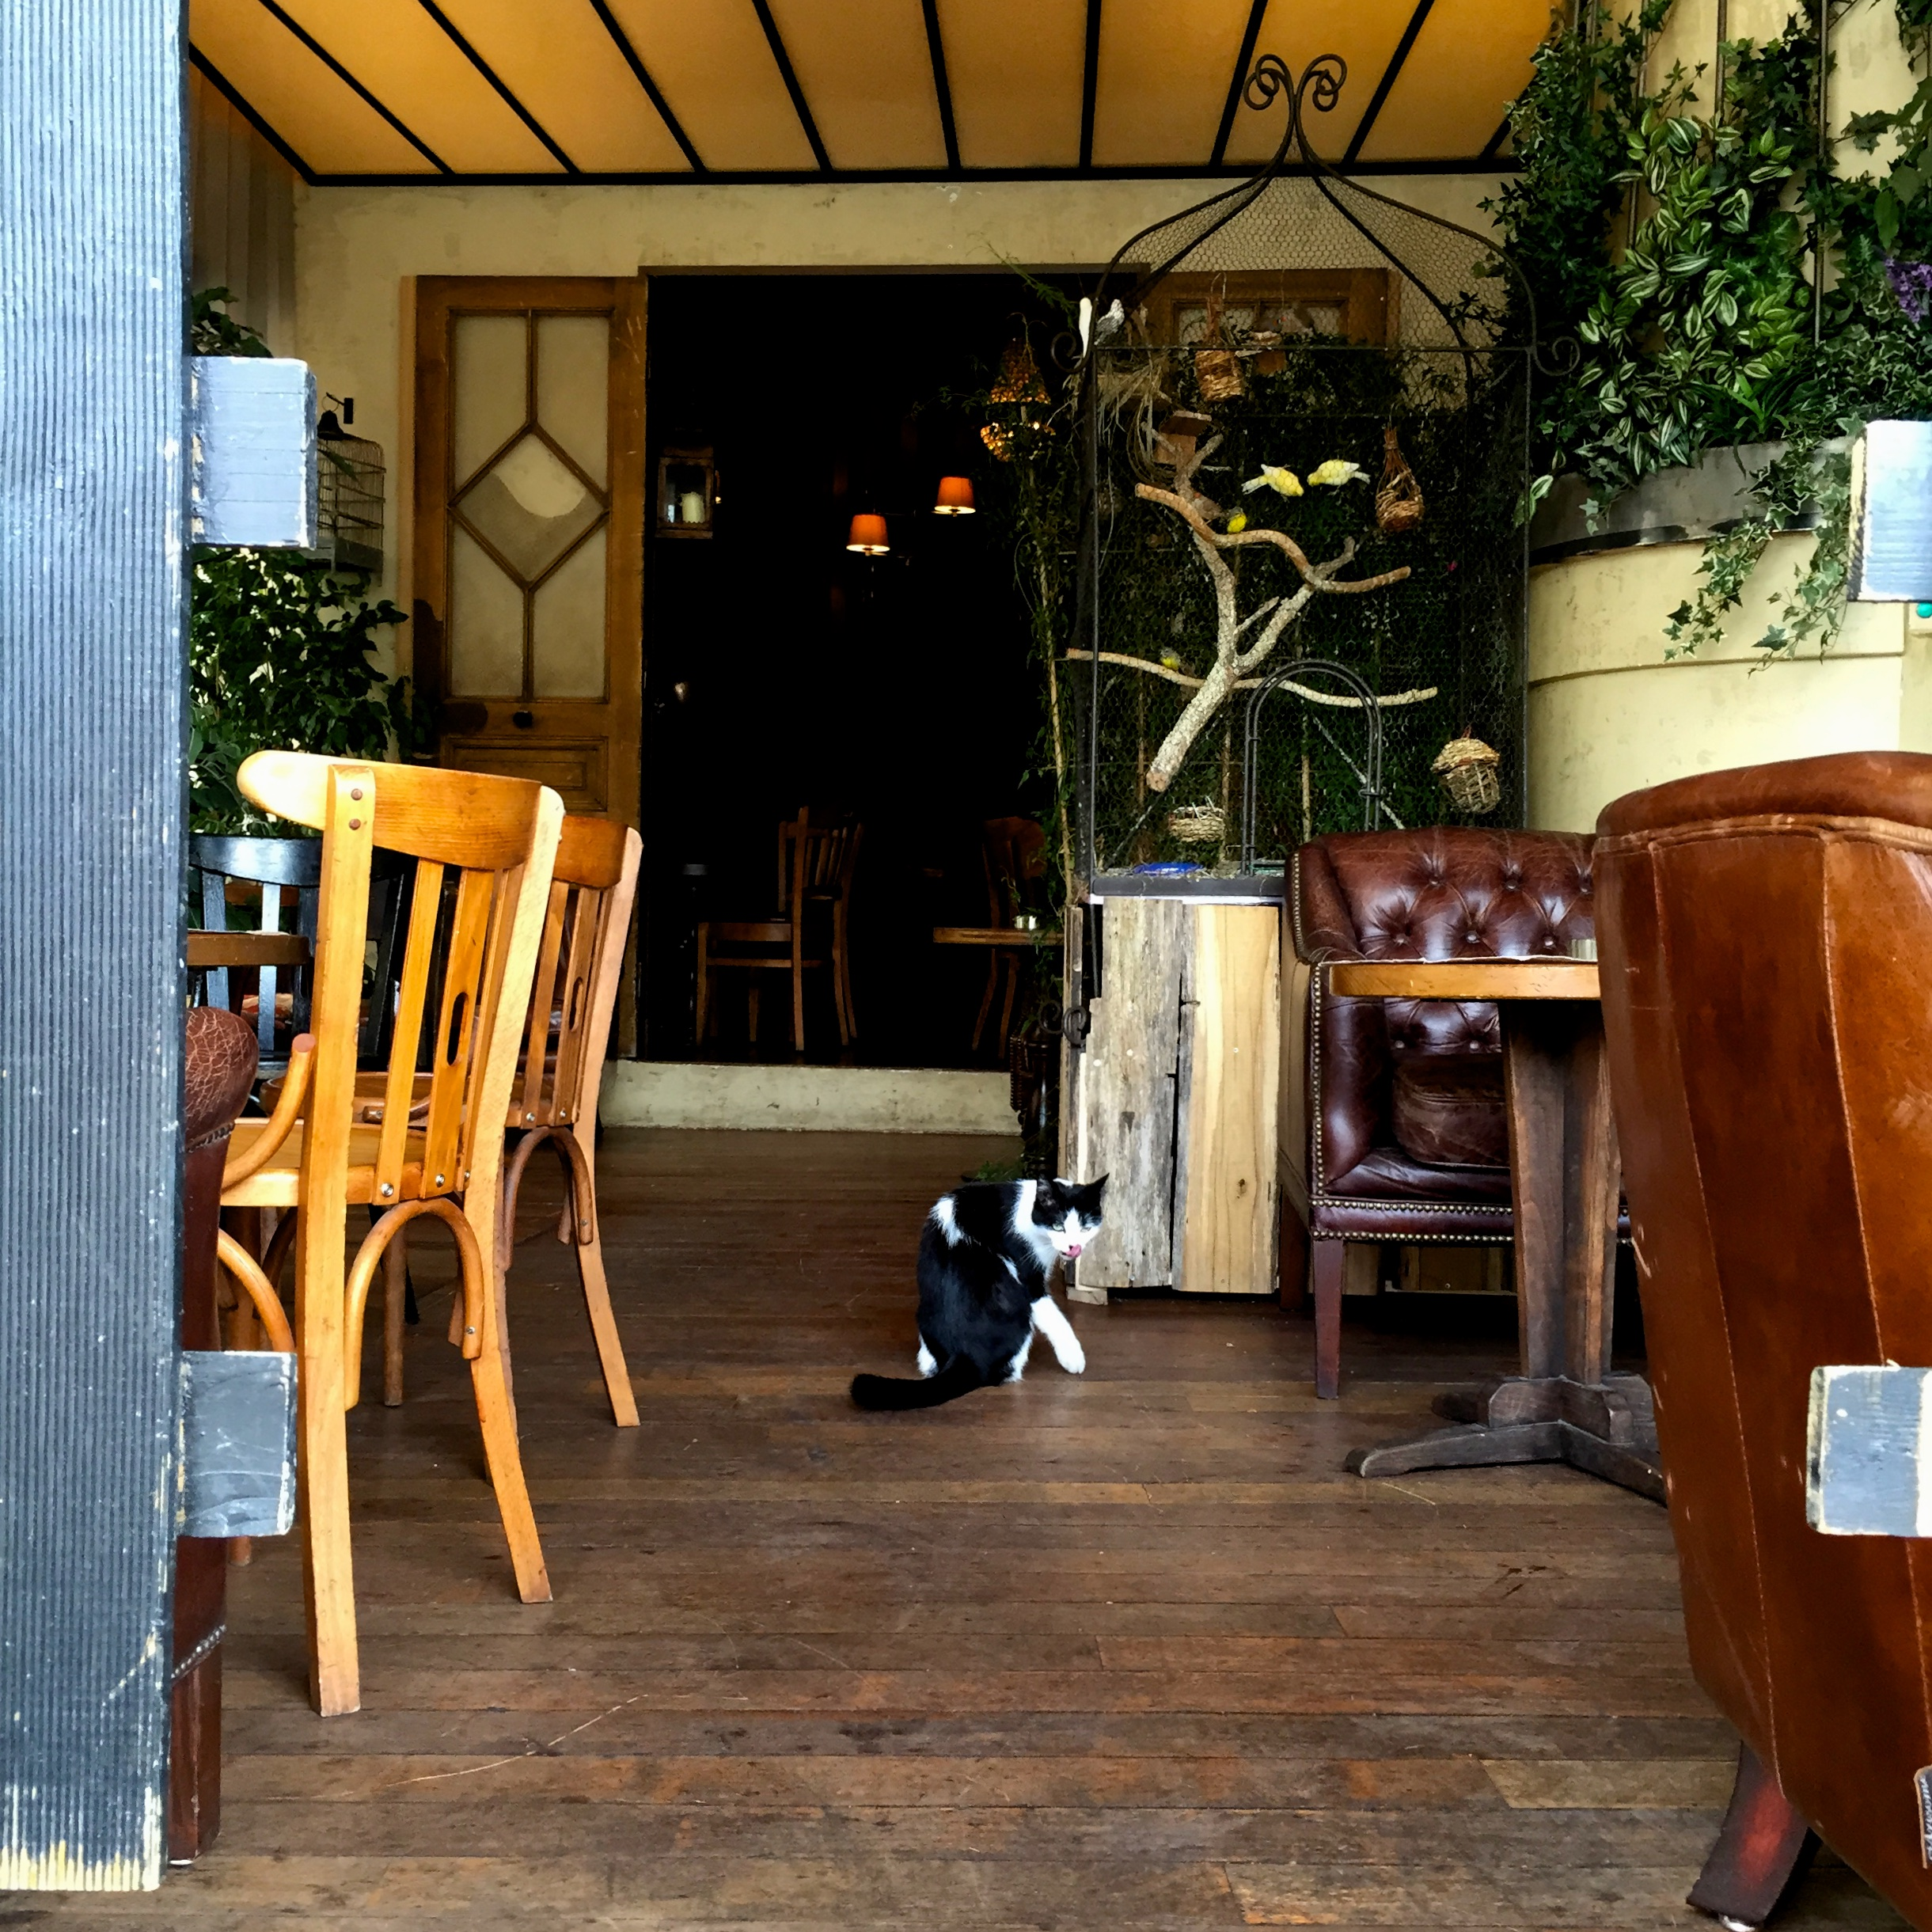 bird_cat_cafe 280.jpg